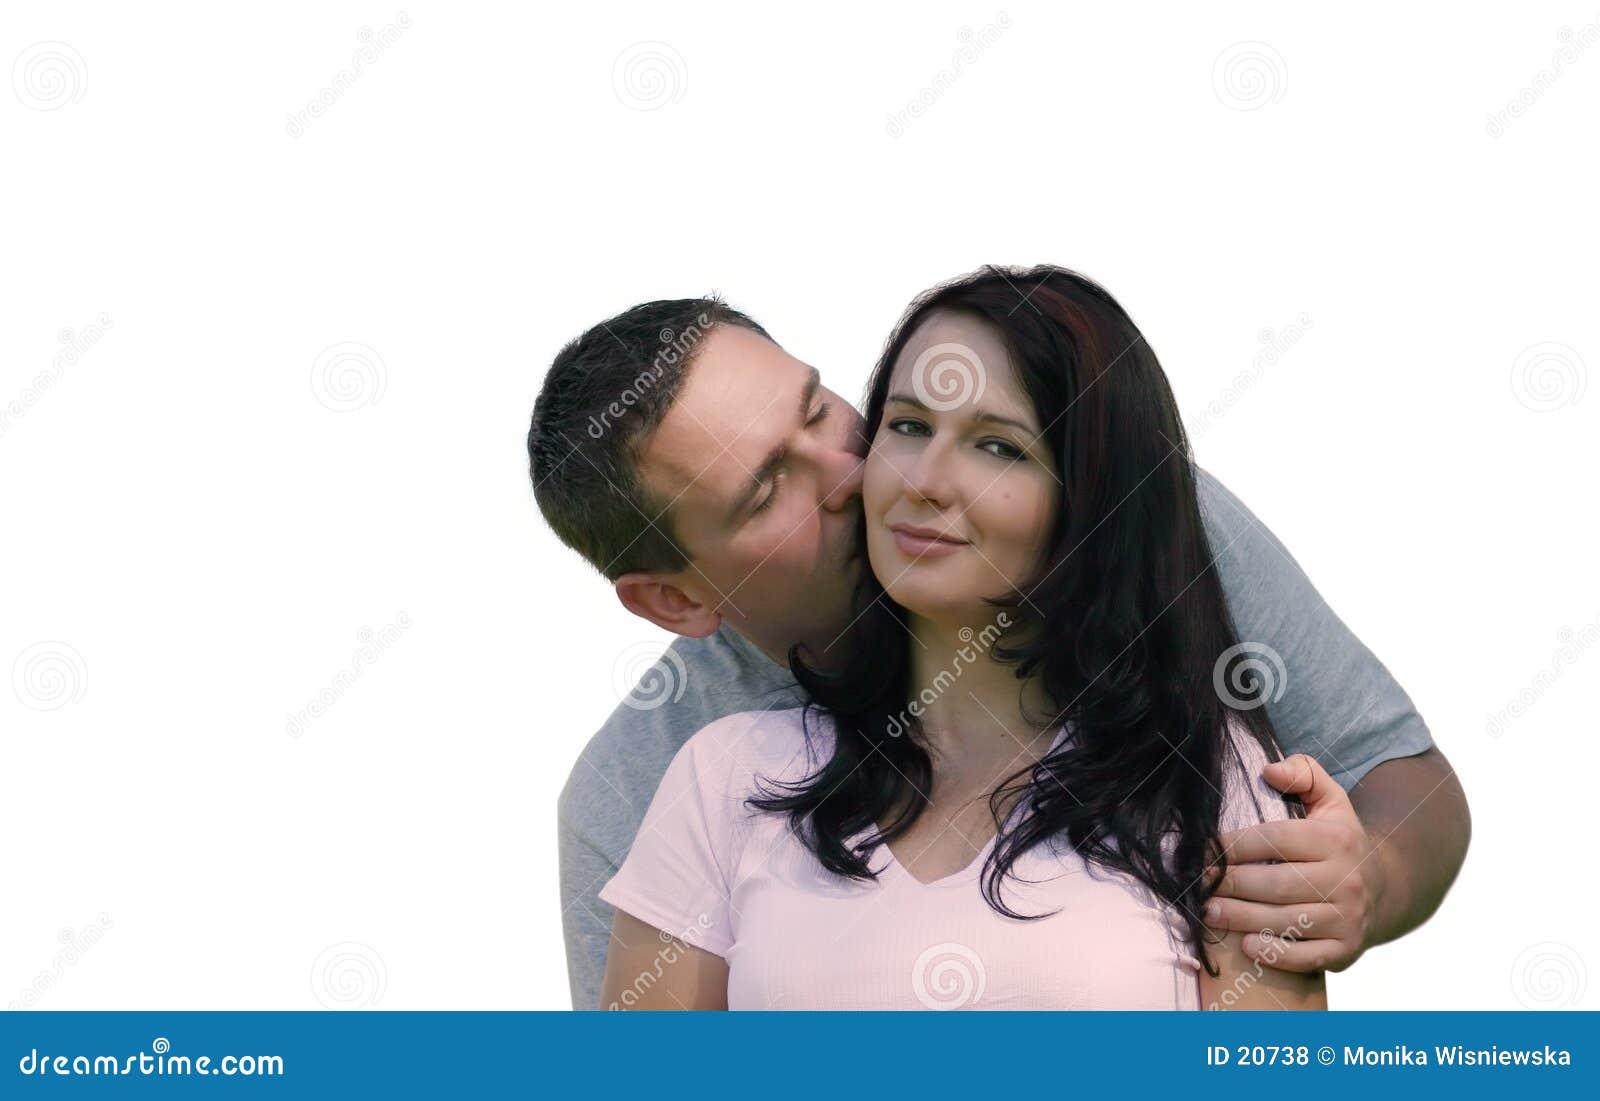 Miłych ludzi pocałunków